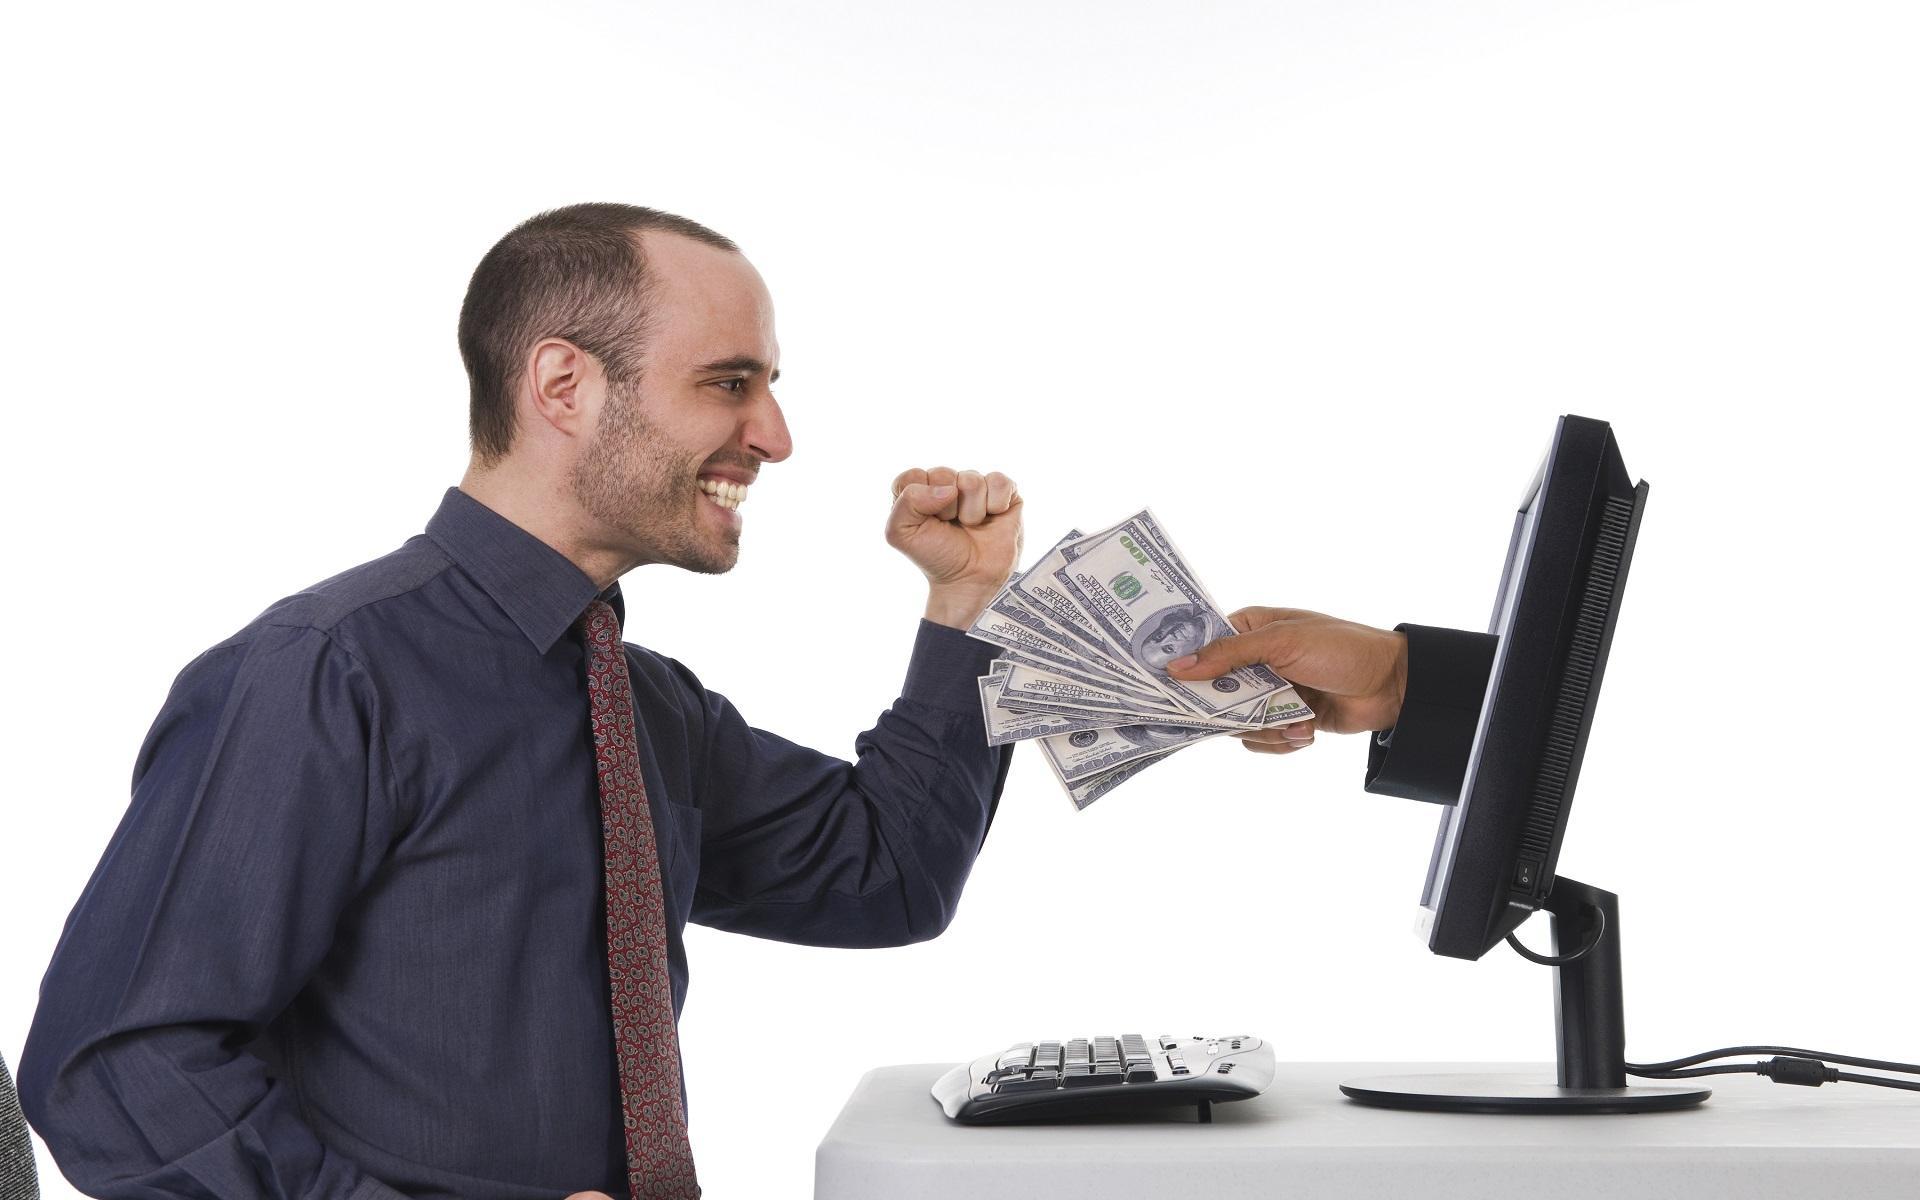 когда как загружать фото для продажи на сайтах сводную сестру